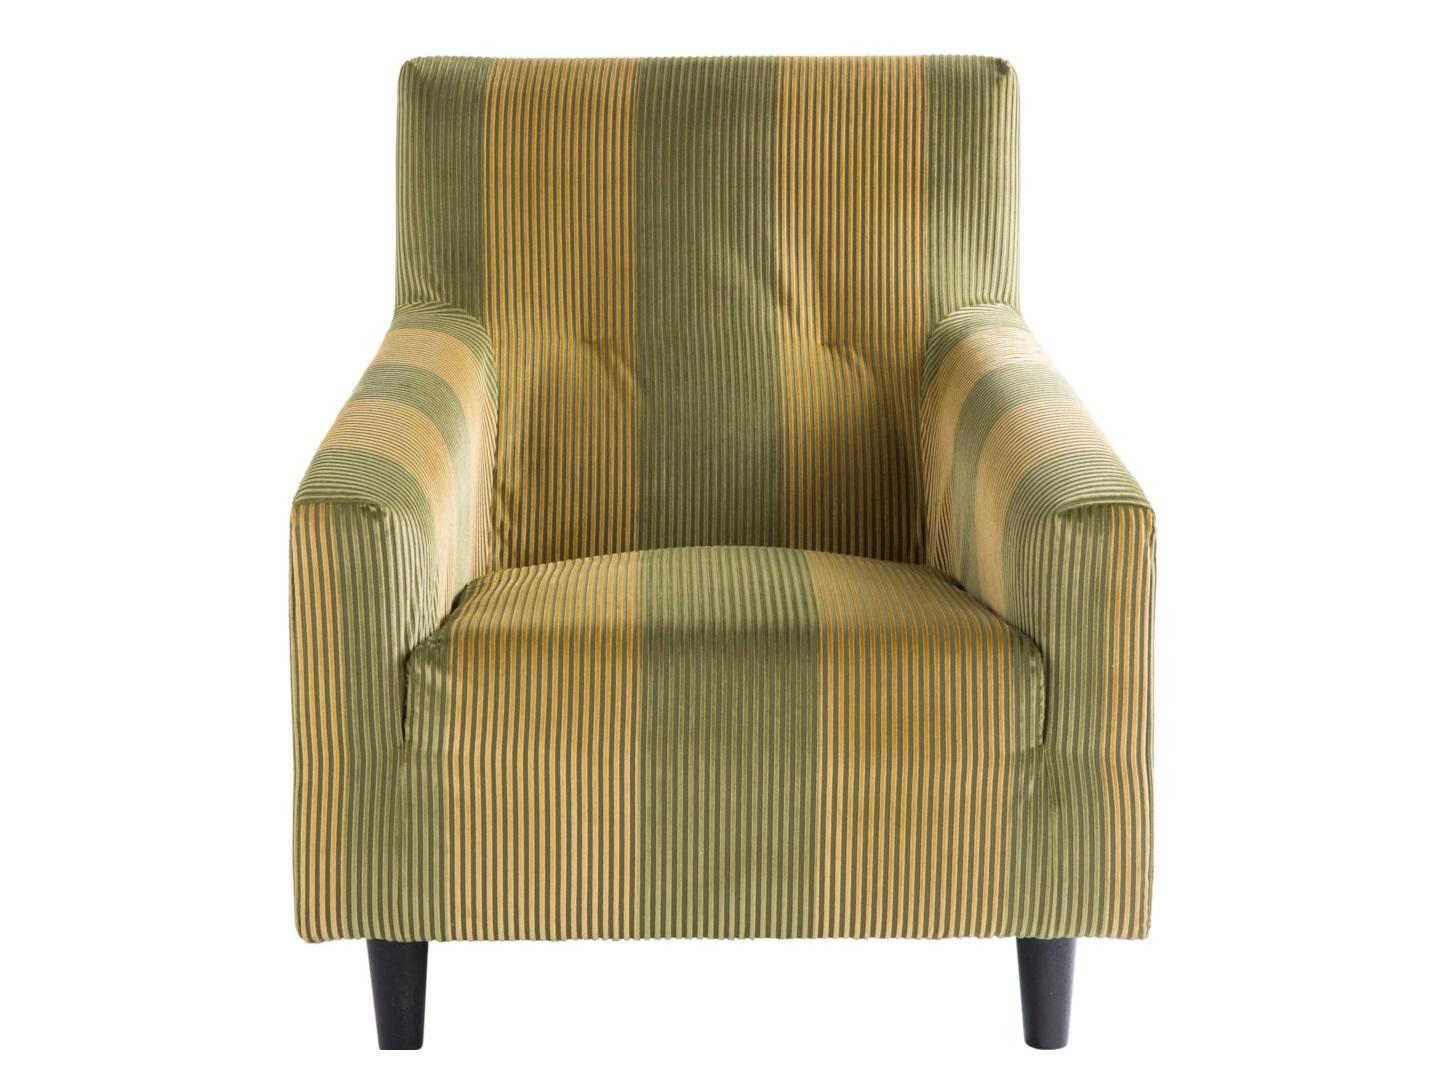 КреслоИнтерьерные кресла<br><br><br>Material: Текстиль<br>Ширина см: 89<br>Высота см: 92<br>Глубина см: 77